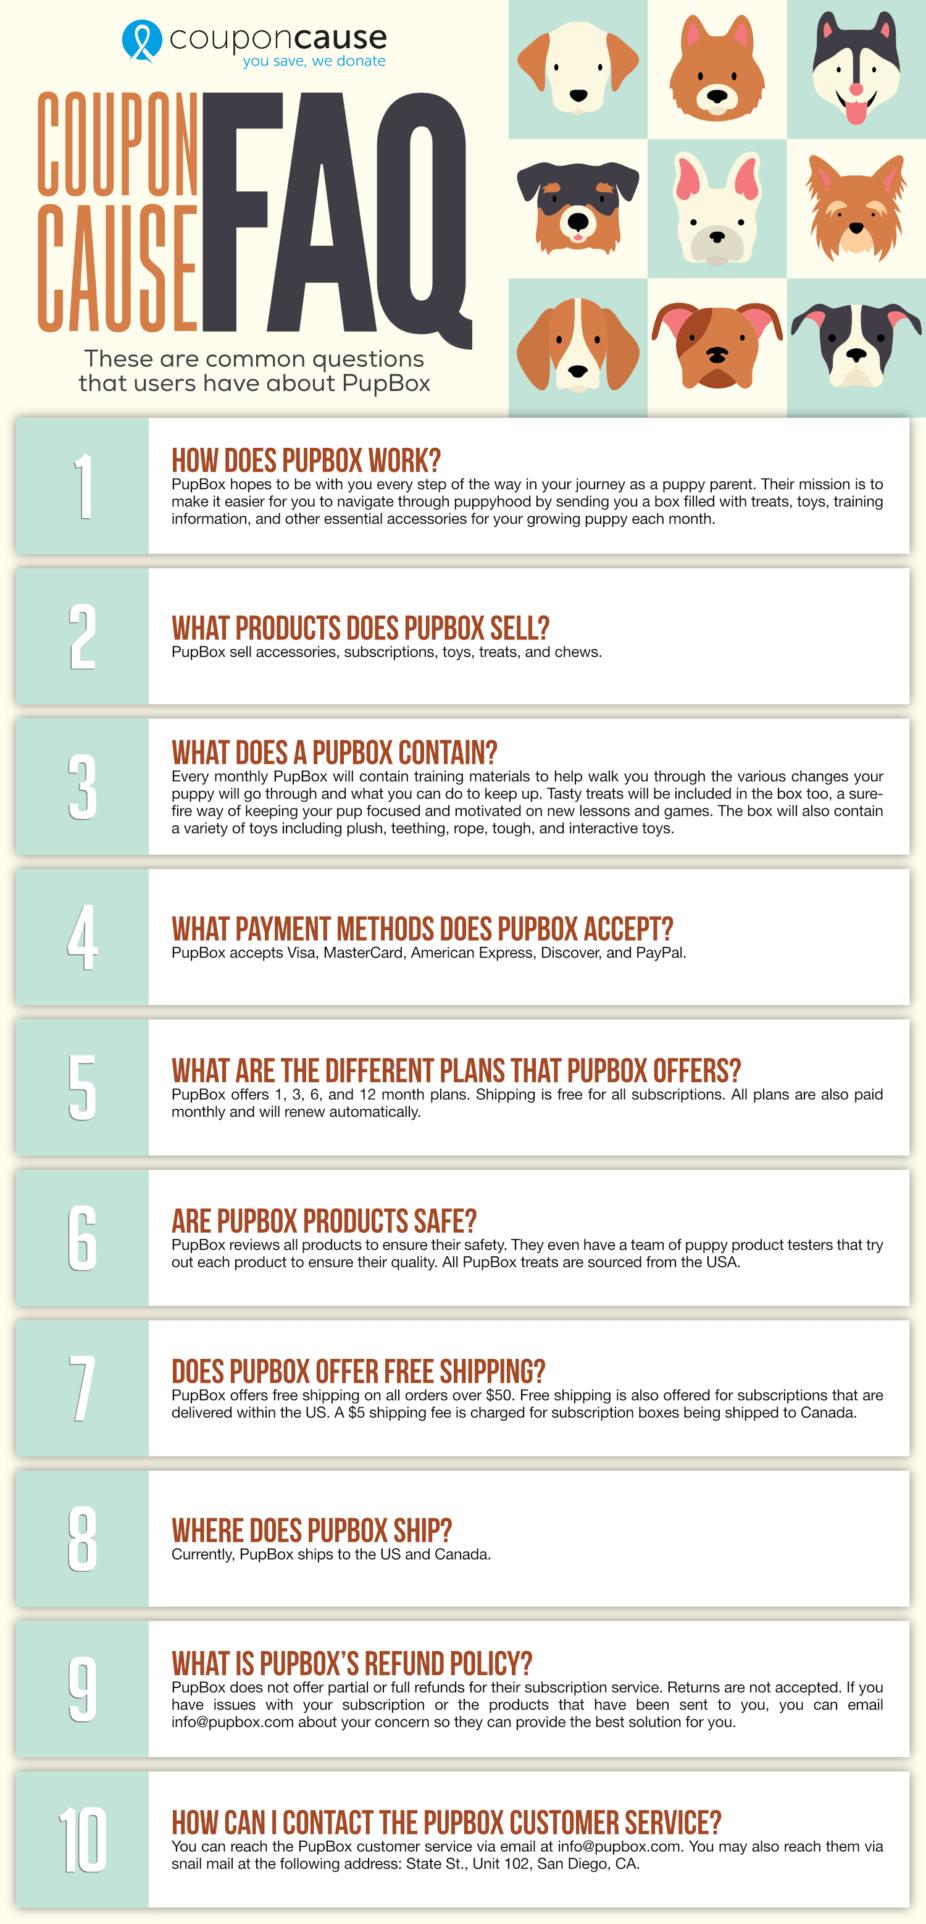 PupBox Coupon Cause FAQ (C.C. FAQ)